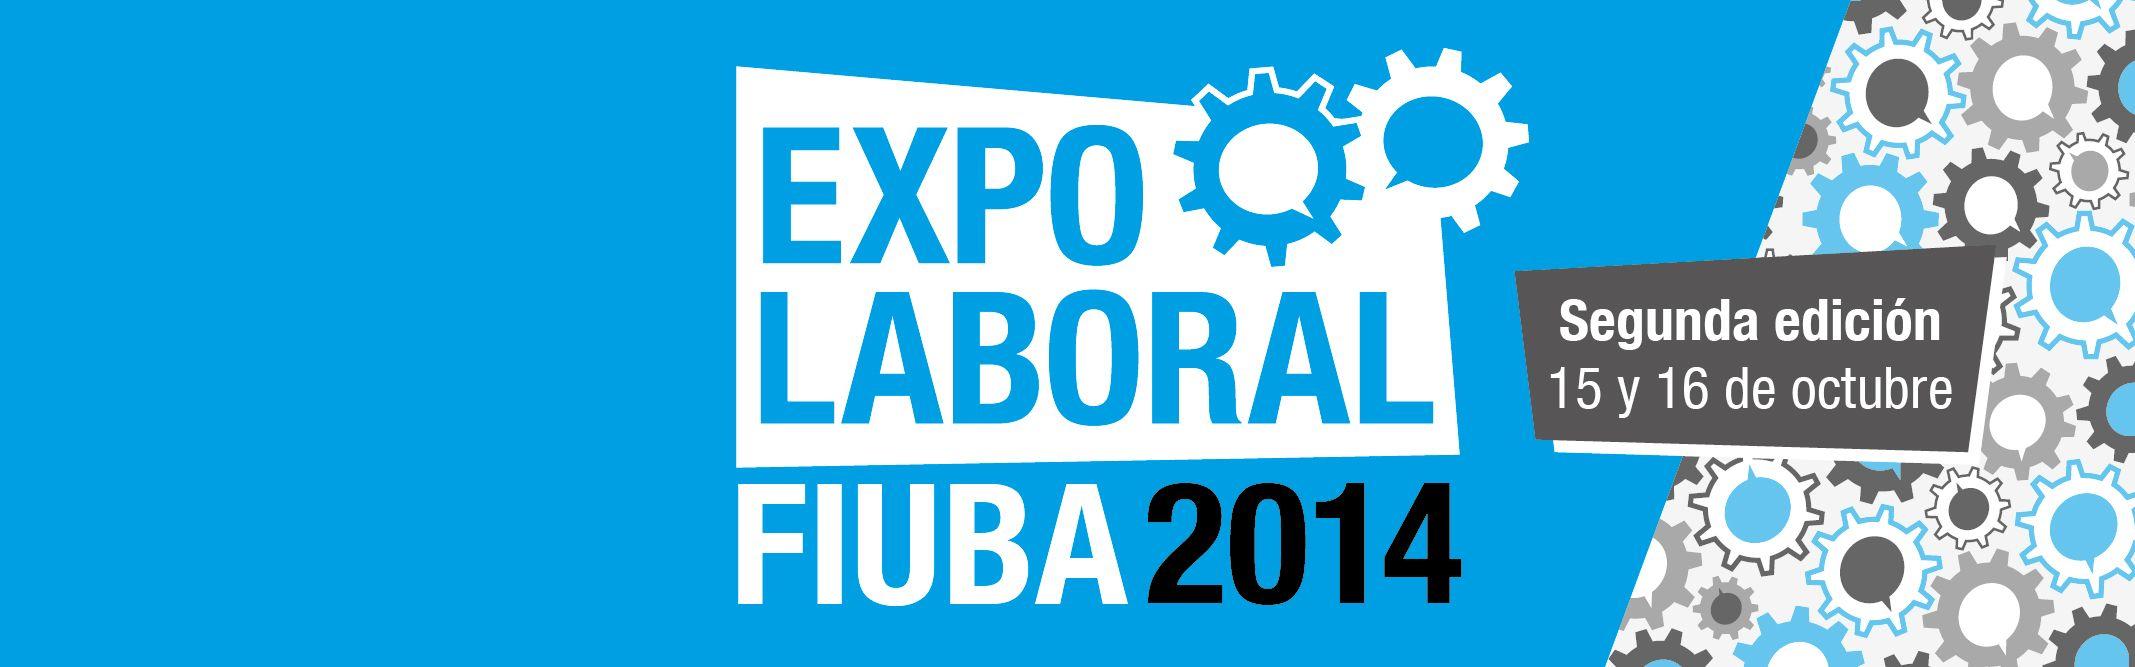 """Segunda edición de """"EXPO FIUBA Laboral"""".  Se llevará a cabo el 15 y 16 de octubre en la sede de Av. Paseo Colón 850 y tiene como objetivo tender un puente entre alumnos y empresas  http://quevasaestudiar.com/estudiar-en-Universidad-de-Buenos-Aires-32-4"""